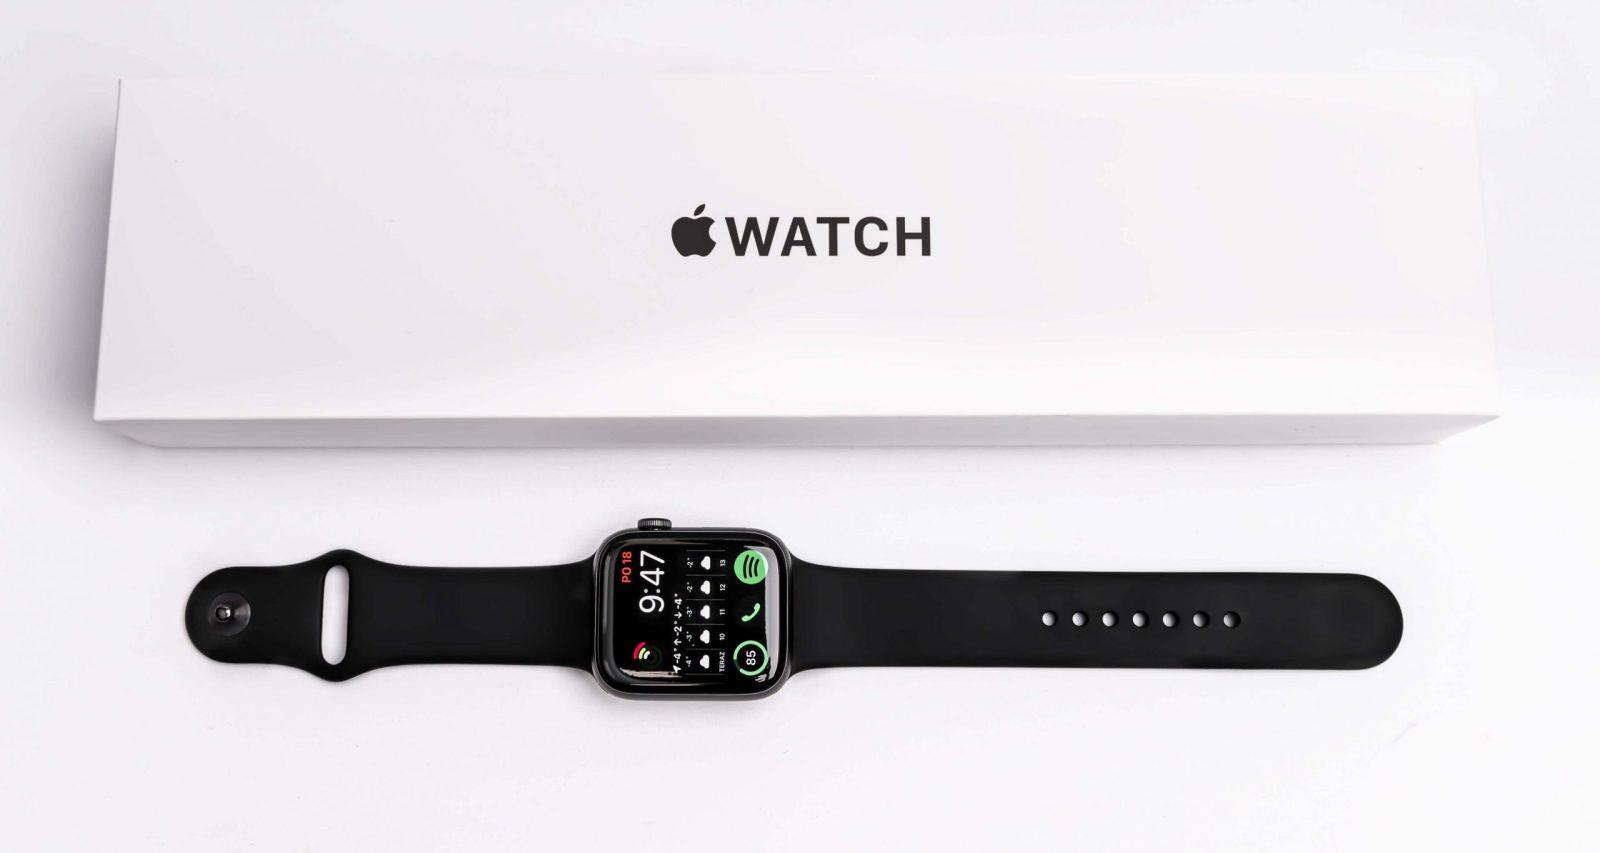 Apple Watch SE - middle class smart hodinky vhodné i pro náročnější uživatele